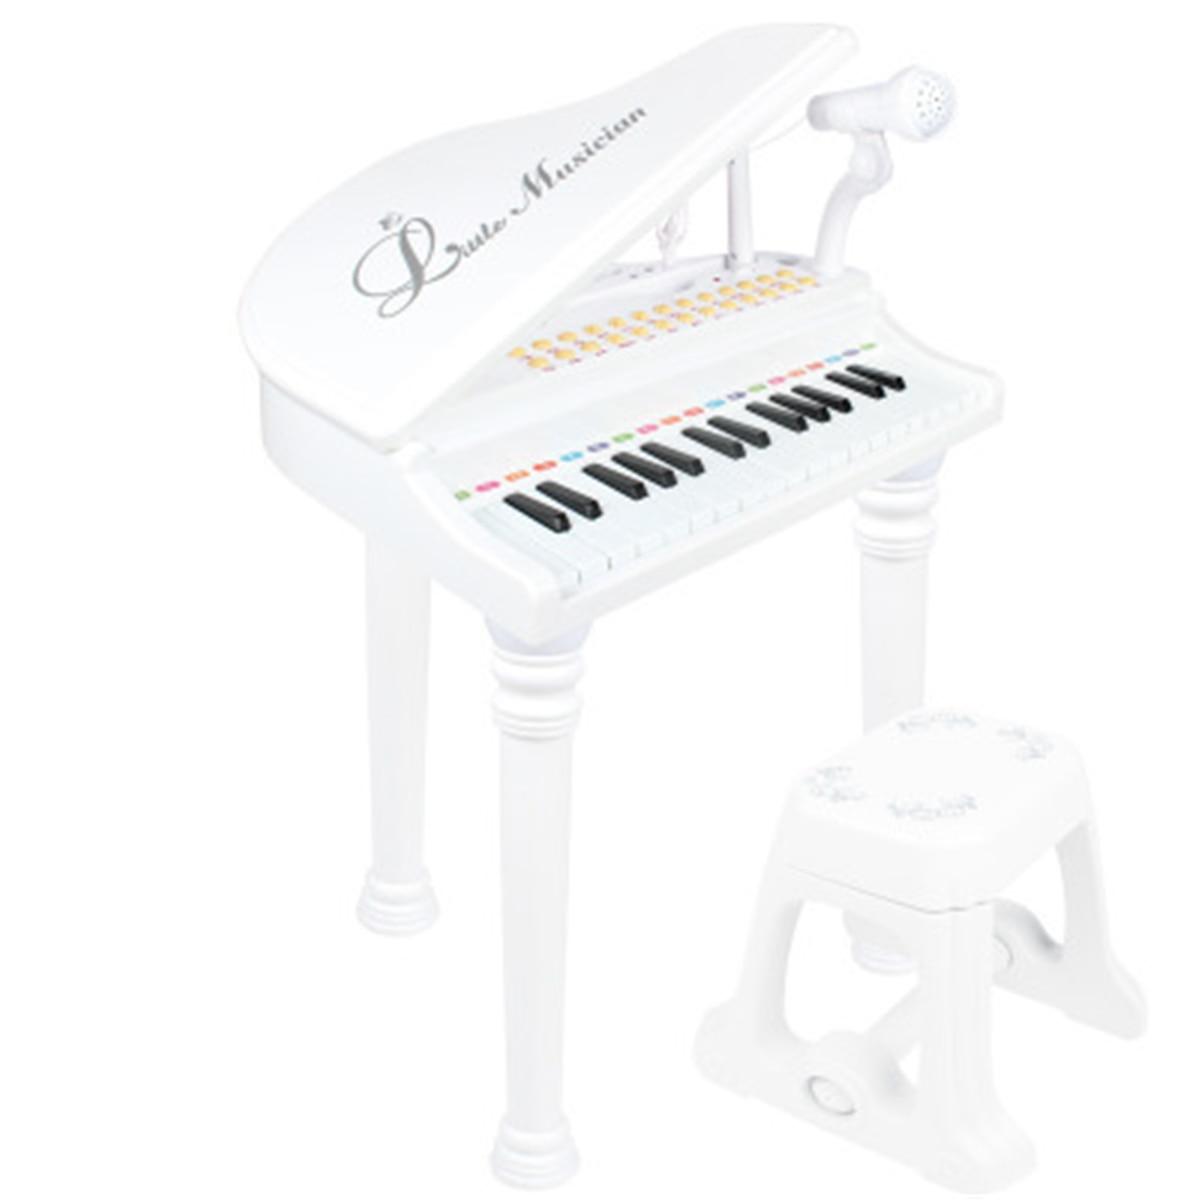 31 touches enfants Piano jouets clavier électronique Piano lumière Microphone apprentissage jouets Instrument de musique enfants cadeau 3 couleurs - 6